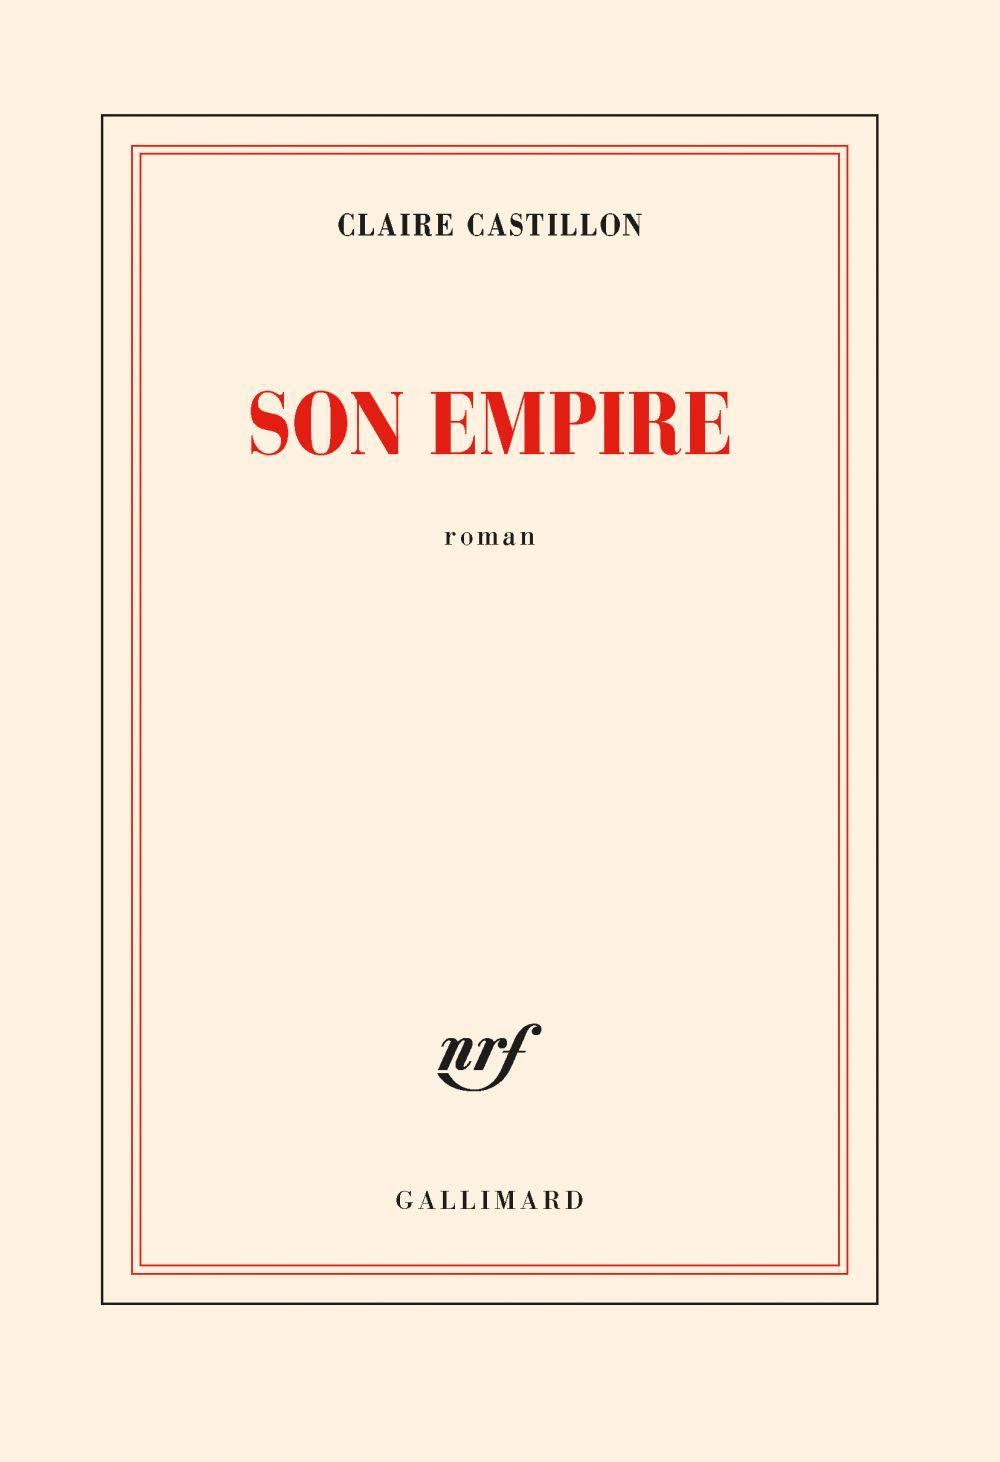 Son empire |